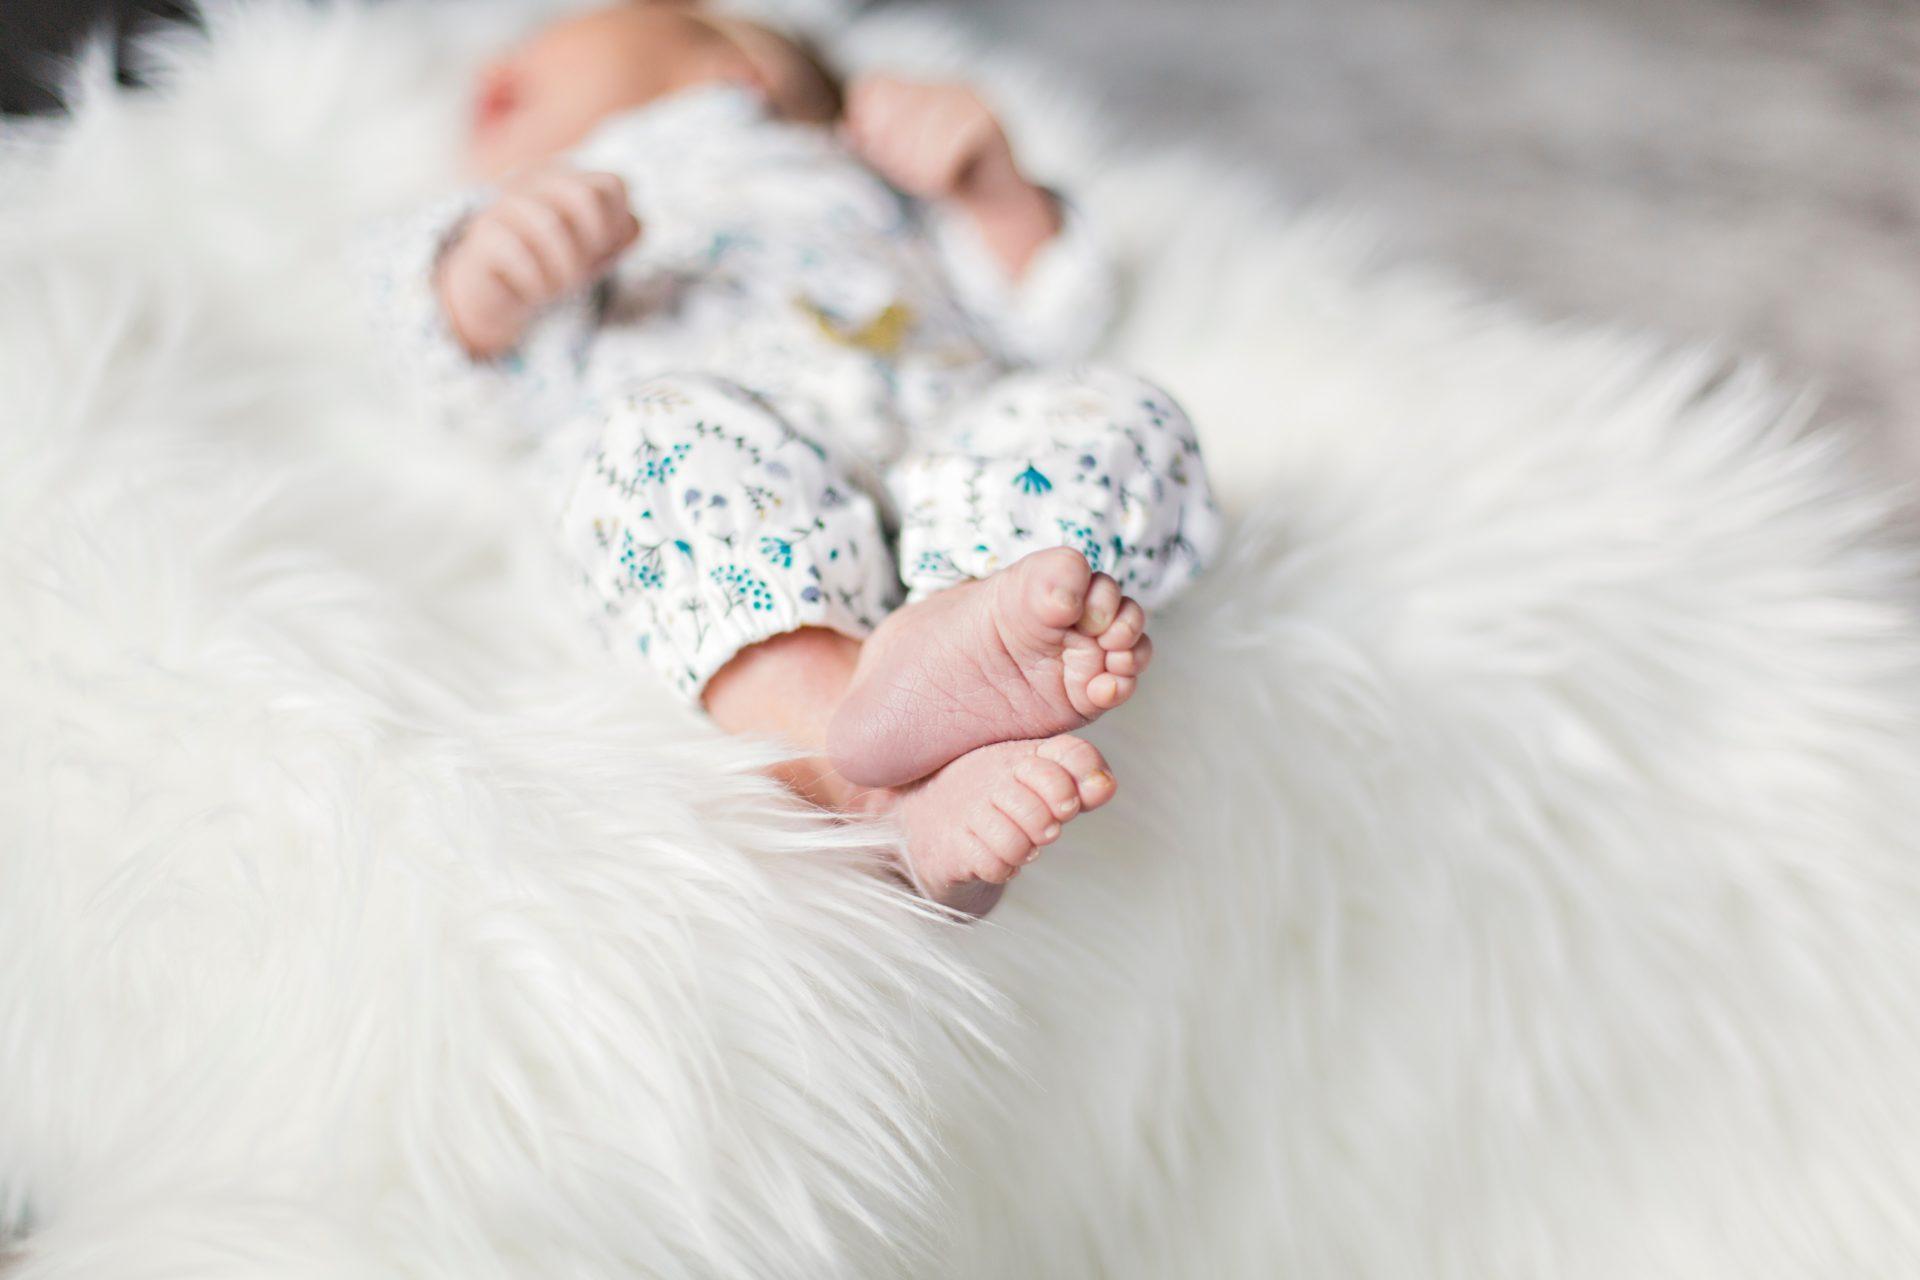 Tudnivalók a Wochengeldről, azaz a terhességi-gyermekágyi segélyről